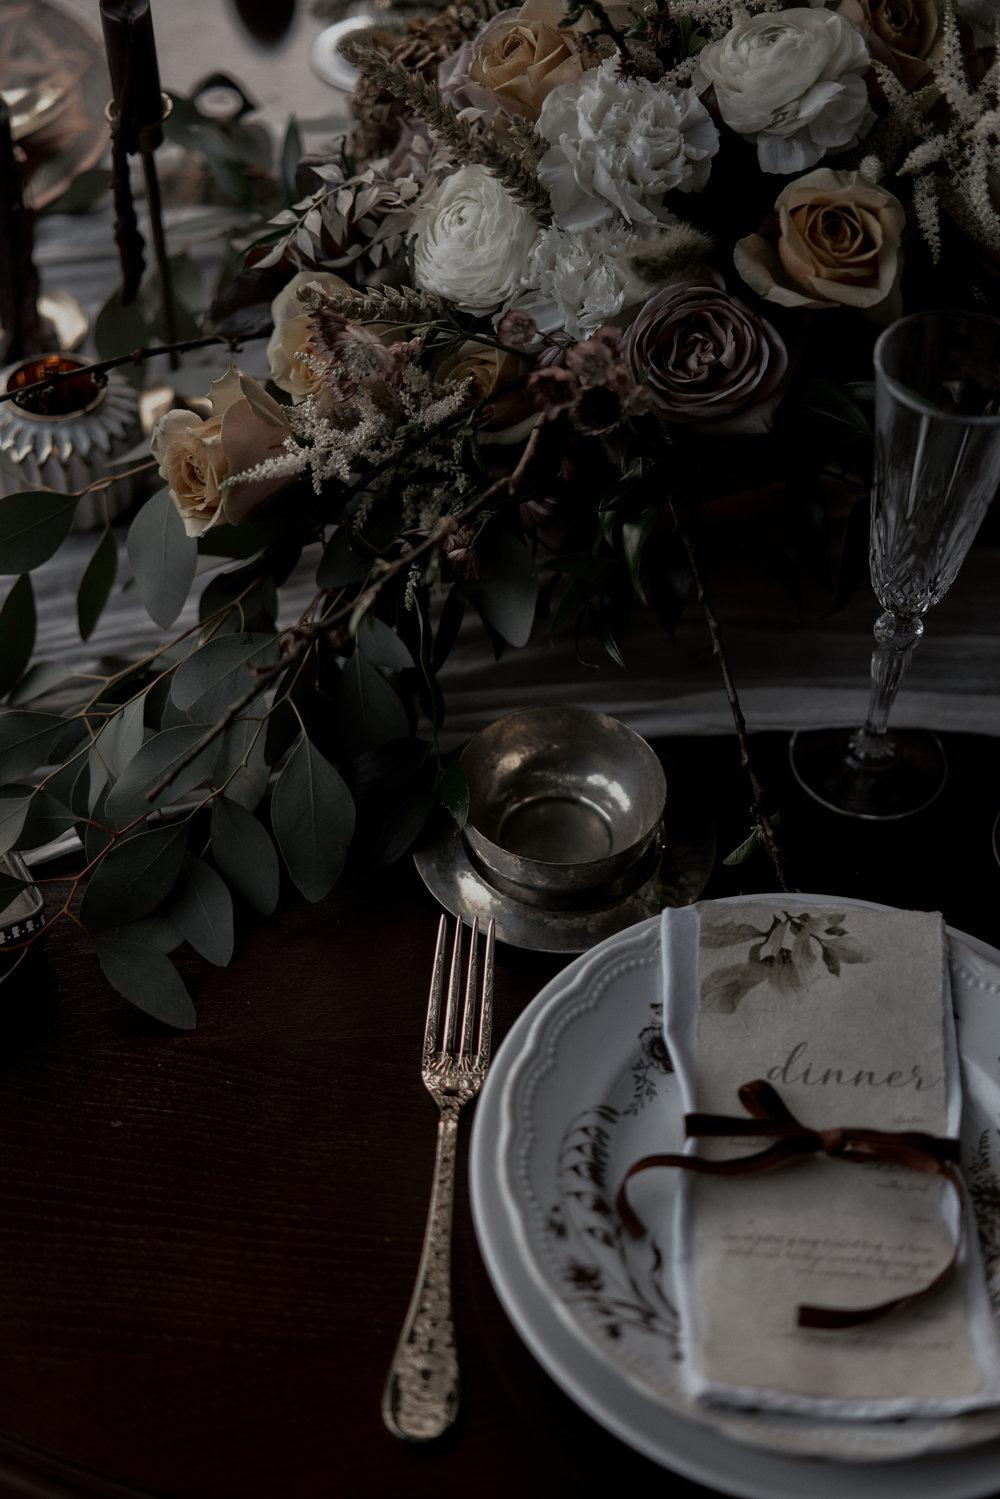 Eine kleine Idee - Ihr kennt euch gegenseitig am besten.Wenn ihr Lust habt, stellt euch, jeder für sich, einmal diese Frage:Wenn du einen perfekten Tag für deinen zukünftigen Ehemann / deine zukünftige Ehefrau planen würdest, wie würde so ein Tag aussehen?Gibt es vielleicht eine Möglichkeit, eine Kleinigkeit davon in euren Hochzeitstag einzubrigen, um ihn noch besonderer zu machen?